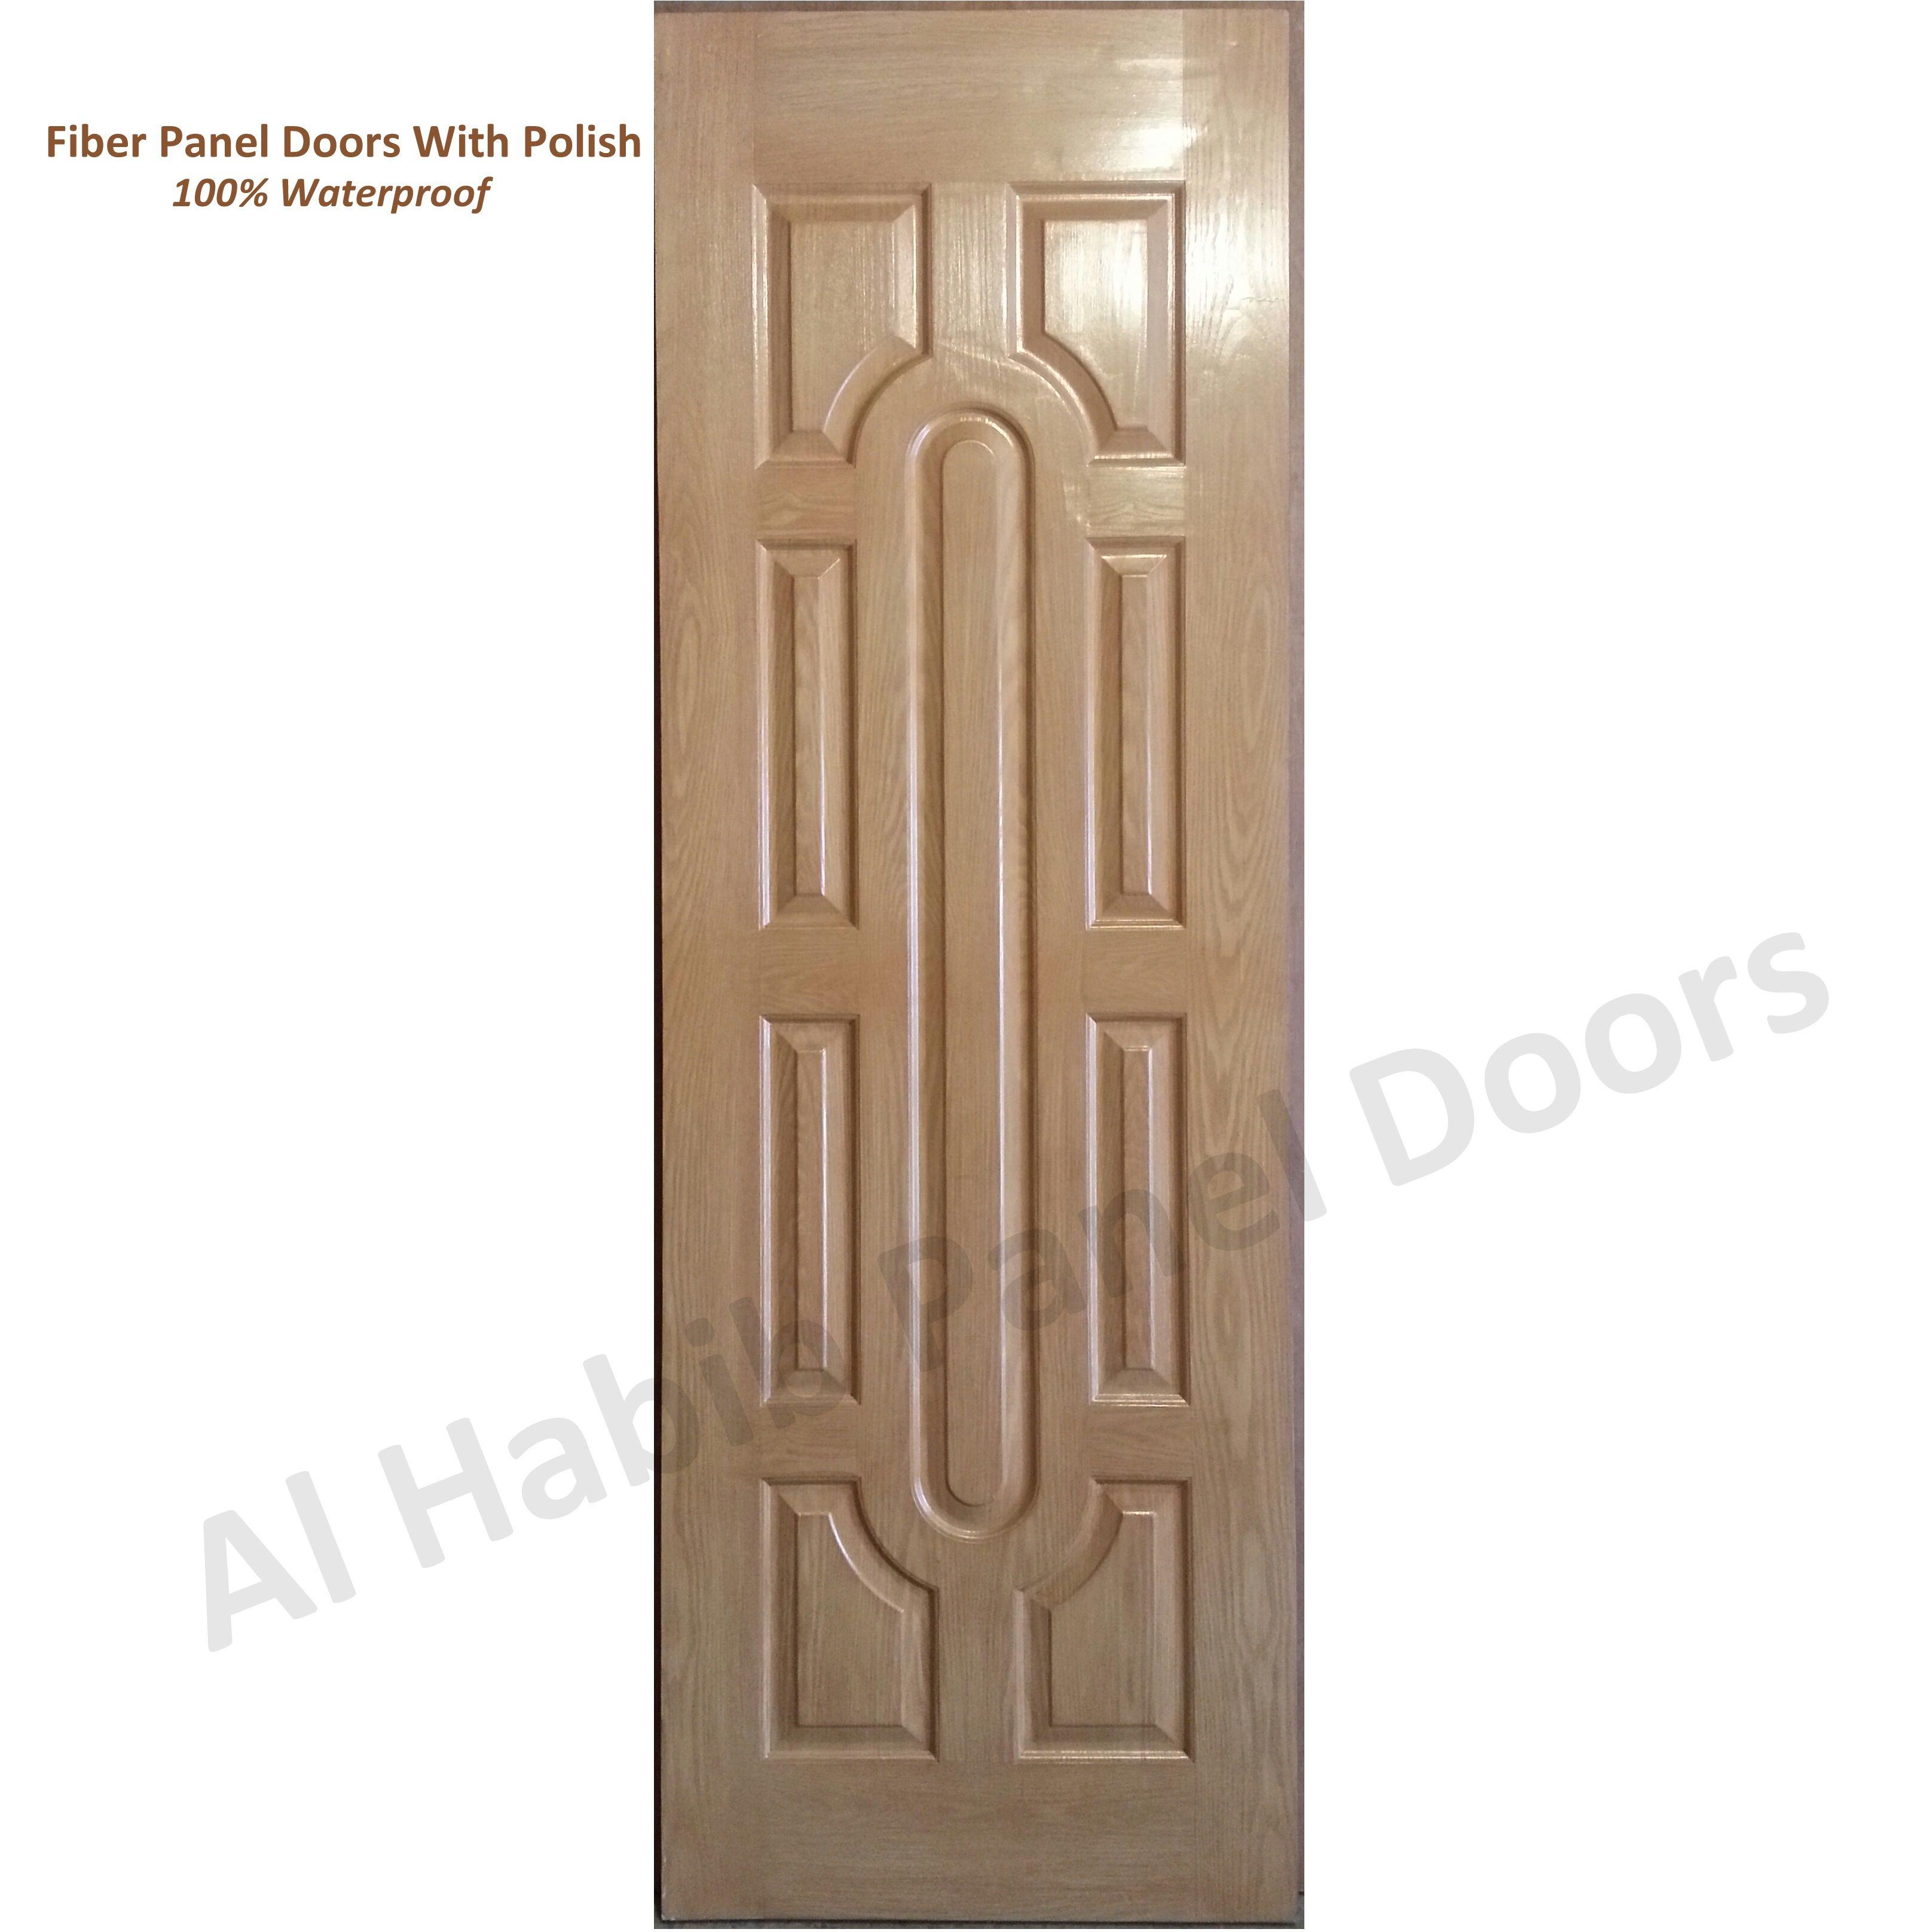 This is Fiber Panel Door With Polish. Code is Product of Doors - Fiber Doors in different design and colors. Al Habib  sc 1 st  Pinterest & Fiber Panel Door With Polish Hpd484 - Fiber Panel Doors - Al Habib ...